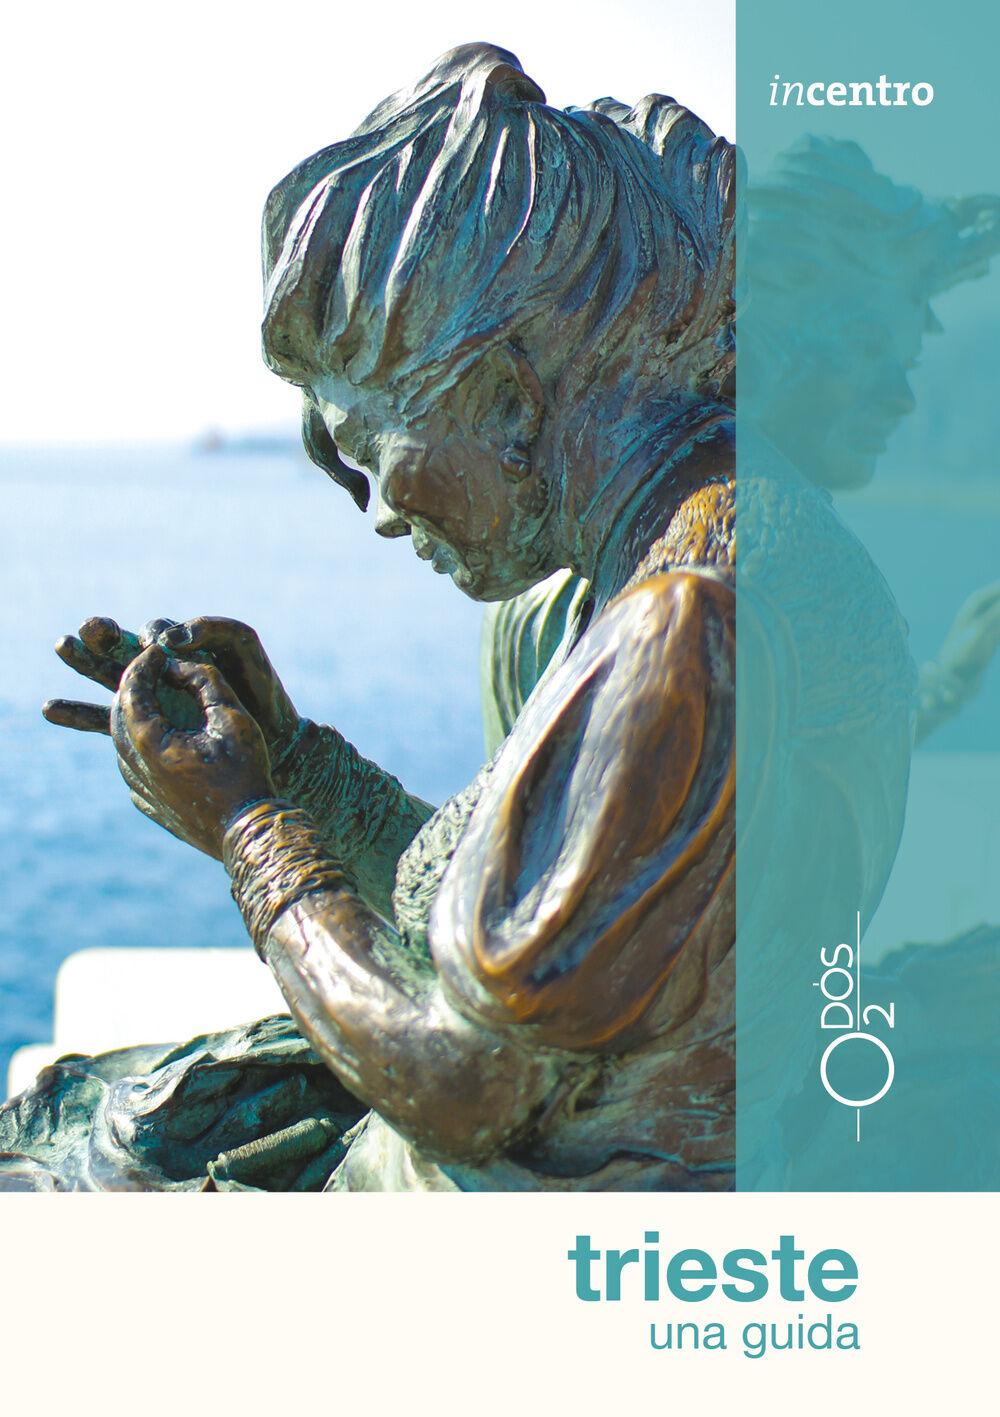 Trieste una guida